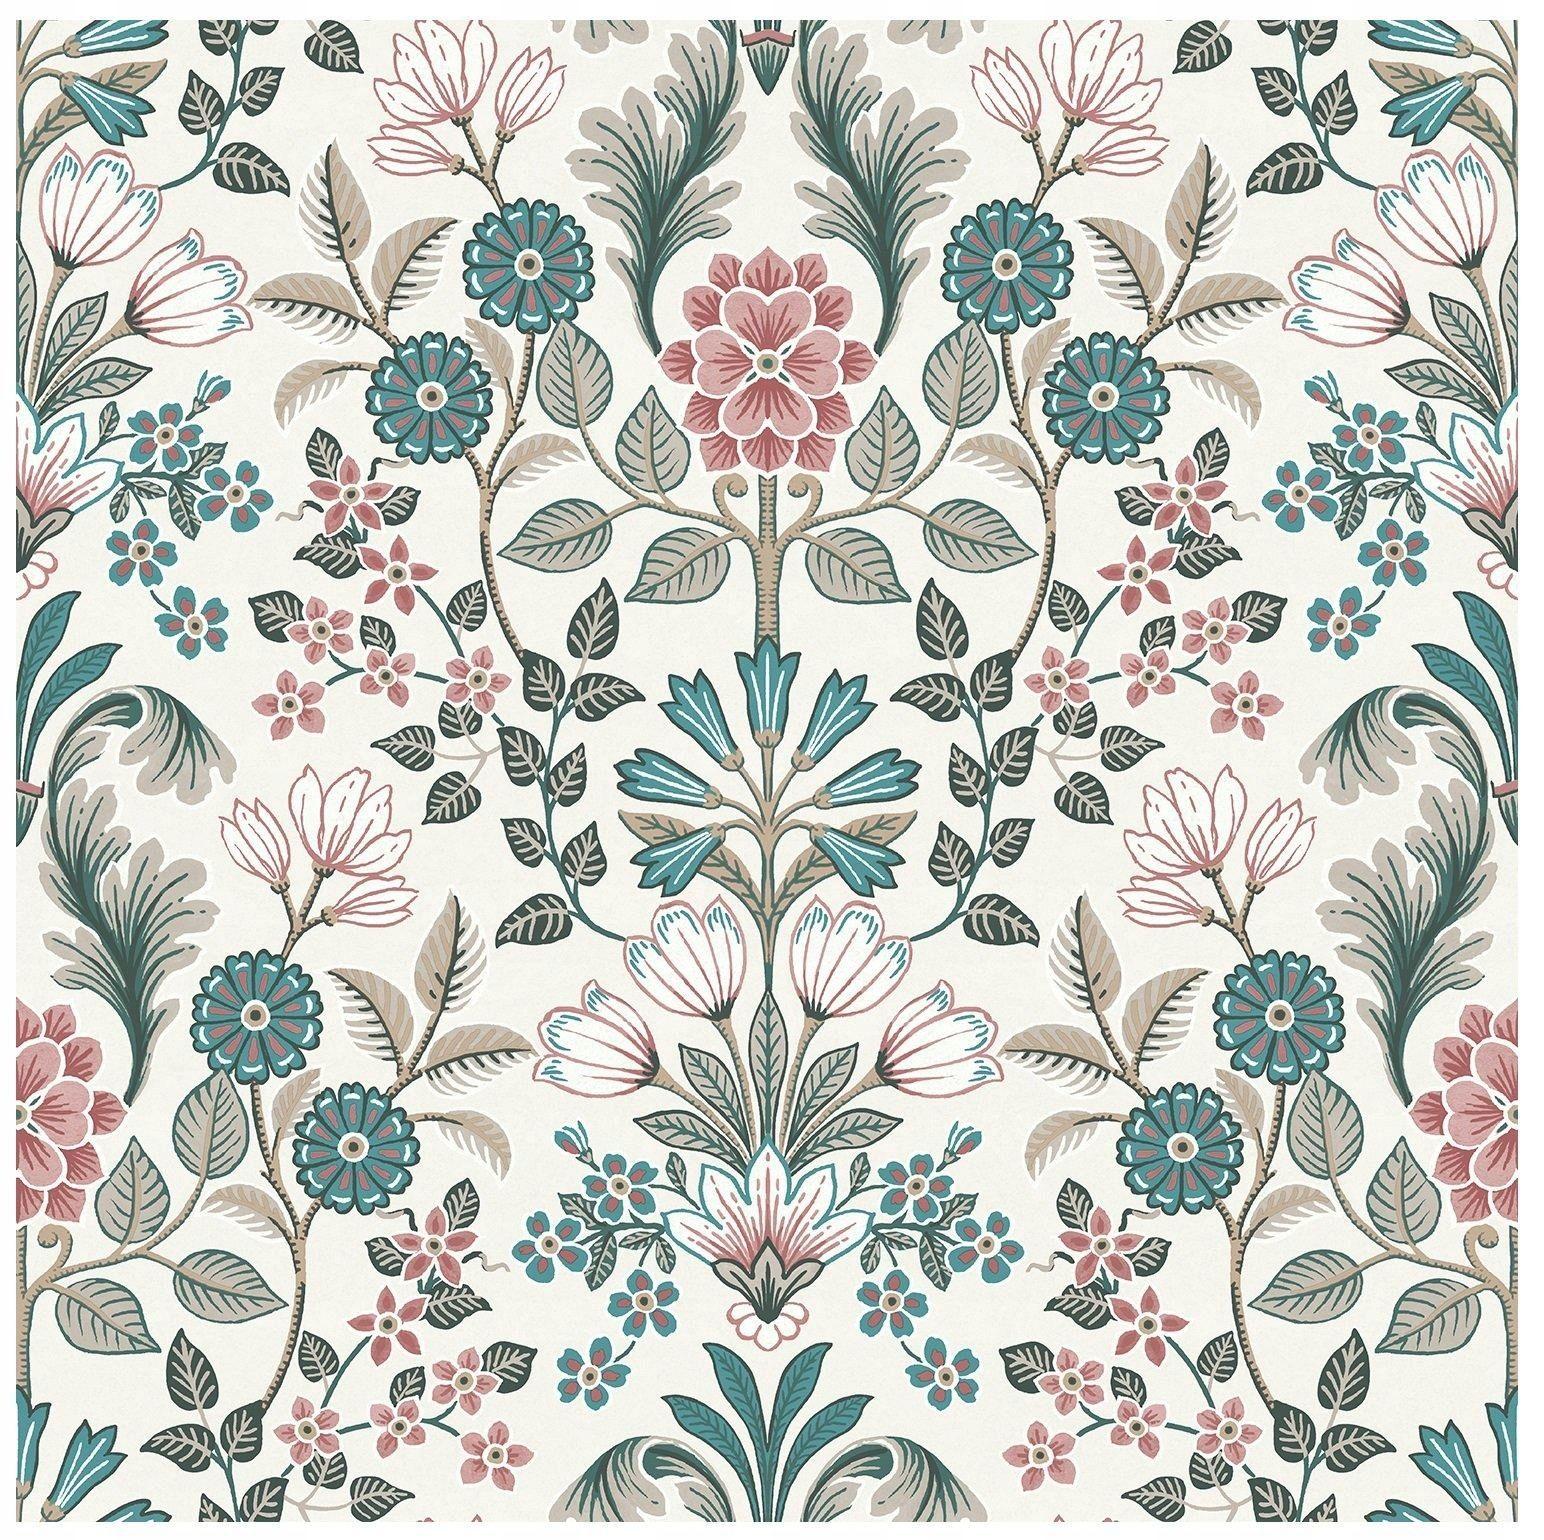 Tapeta Winylowa Kwiaty Retro Tapety Scienne Vintage Flowers Wallpaper Folk Art Flowers Pattern Art